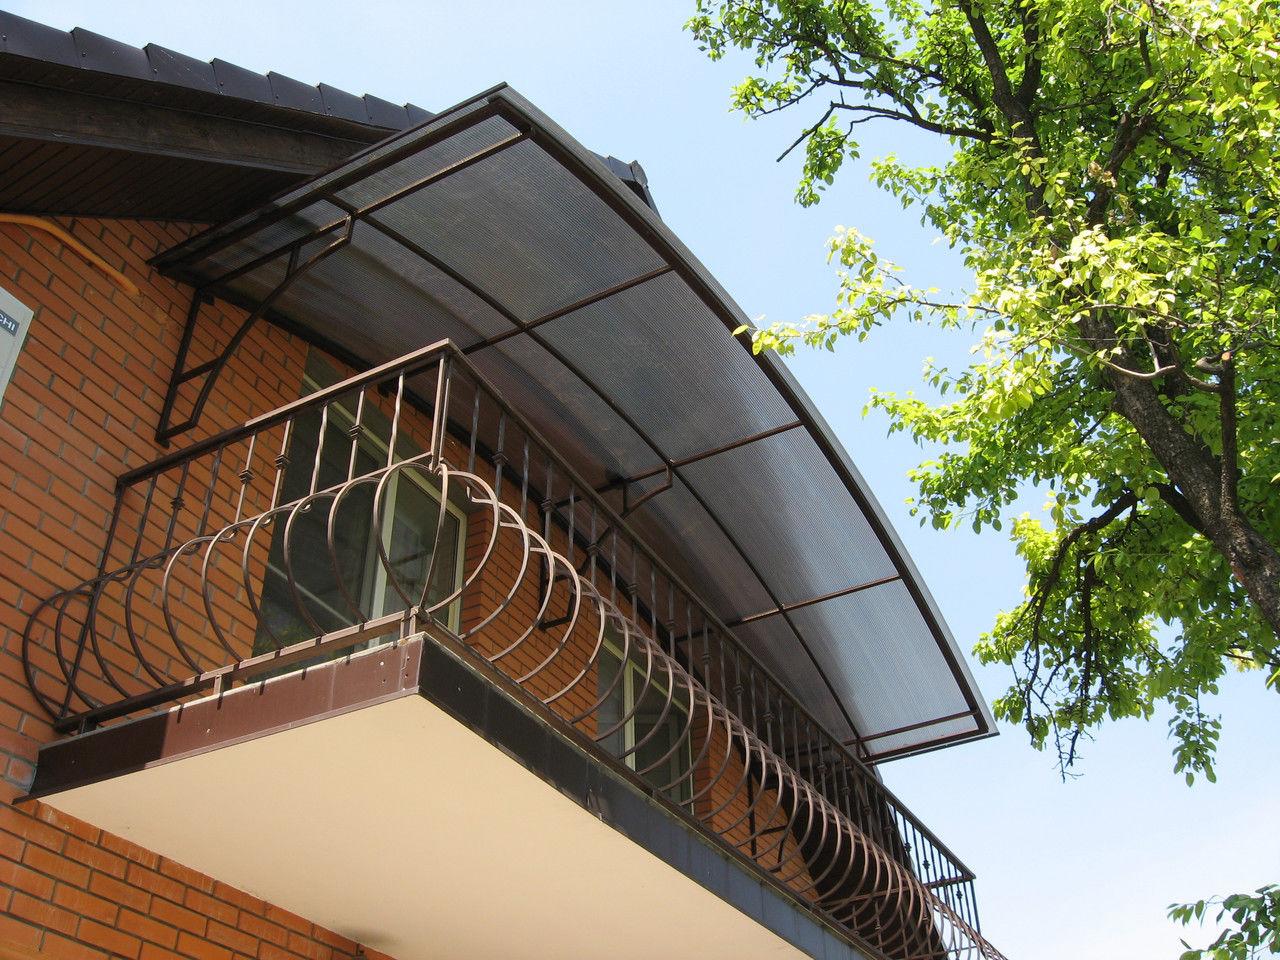 Козырек над балконом из поликарбоната